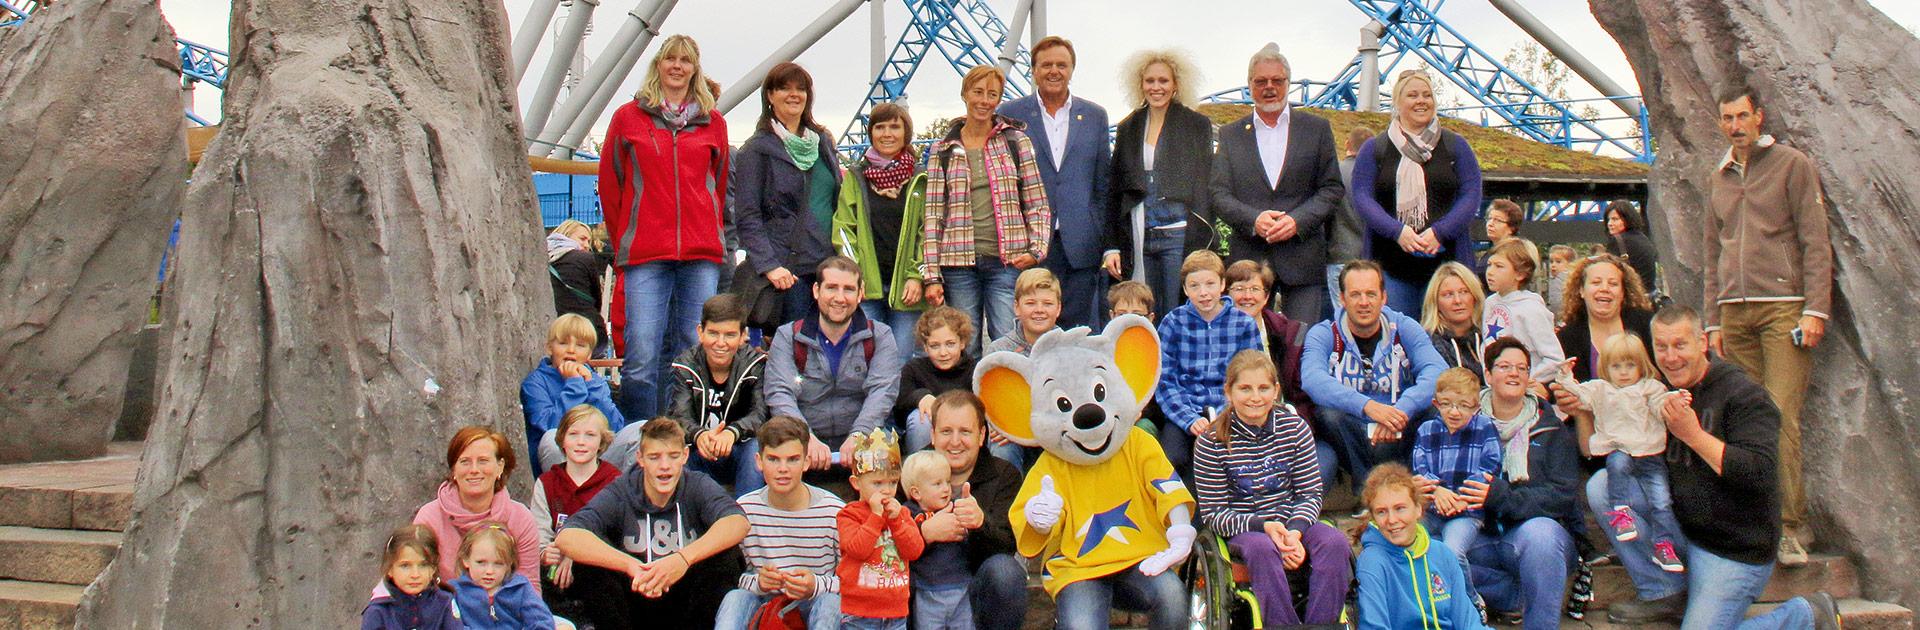 Europapark Besucher Gruppenfoto